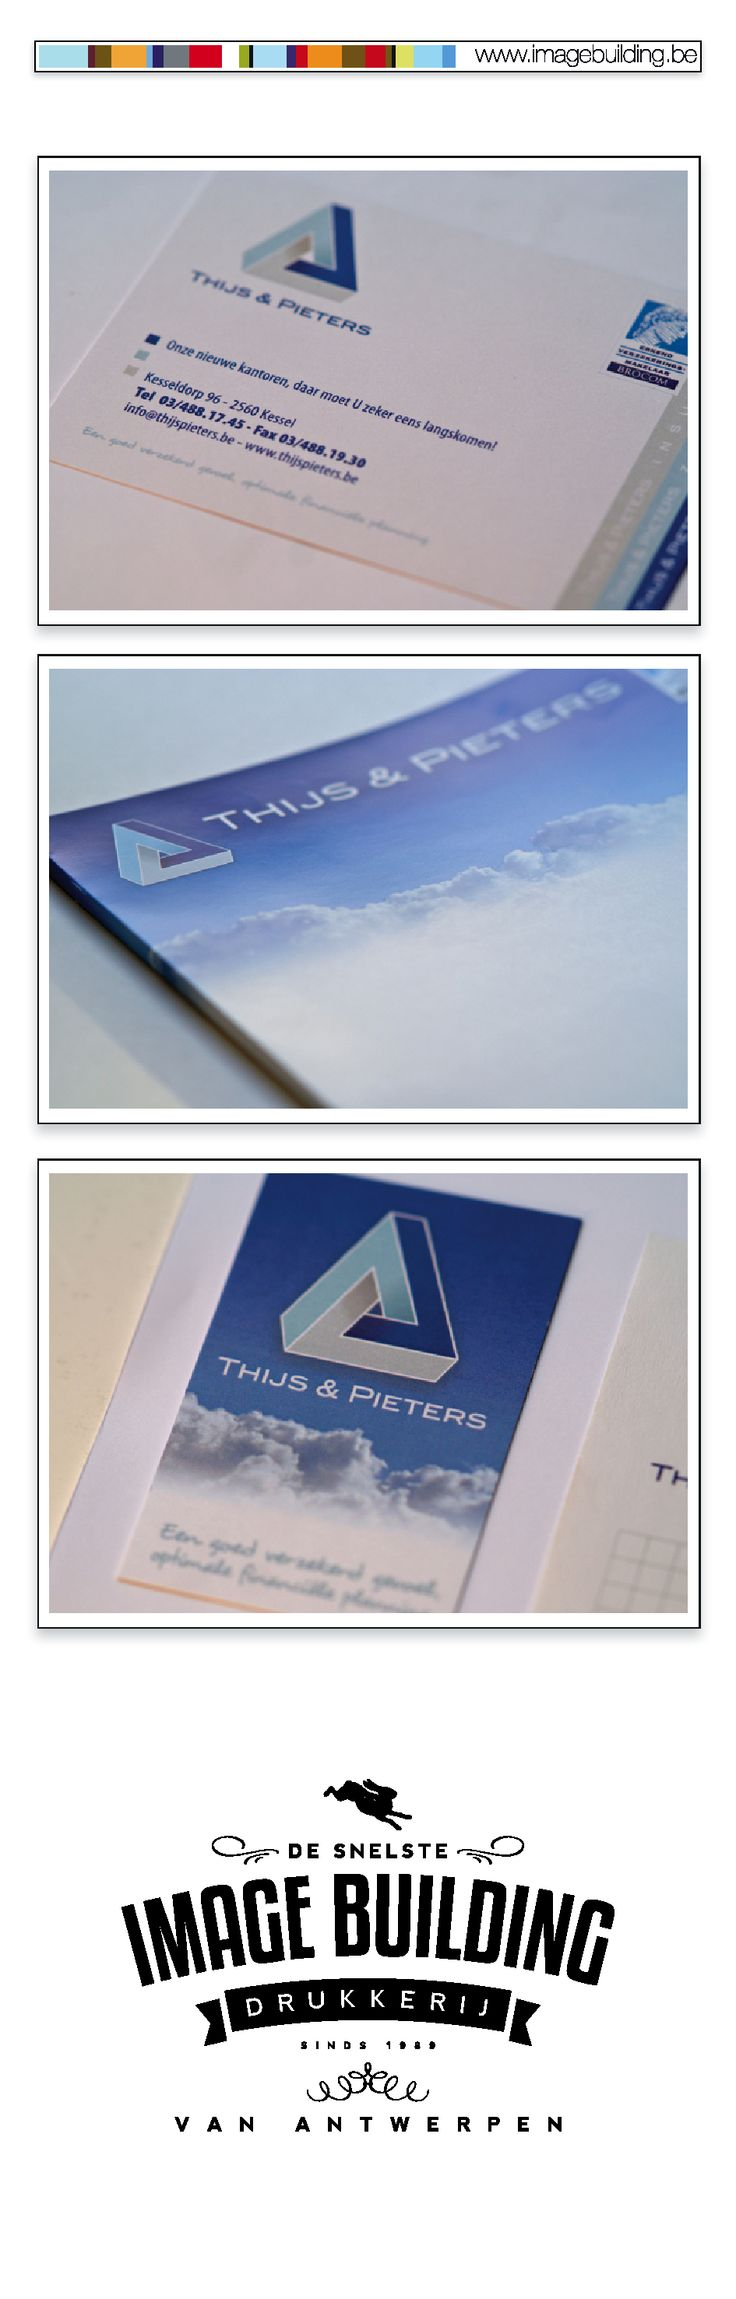 Ontwerp Logo, huisstijl ontwerp en drukwerk voor 'Thijs & Pieters'. Huisstijl. Mappen. Flyers. Rollupbanners. Bashes. Tshirts. visitekaartjes. Auto belettering. Ringmappen. Briefhoofd. Factuur. Fiches. #imagebuildingnv #desnelstedrukkerijvanantwerpen #huisstijl #graphicdesign #grafisch #ontwerp #opmaak #drukwerk